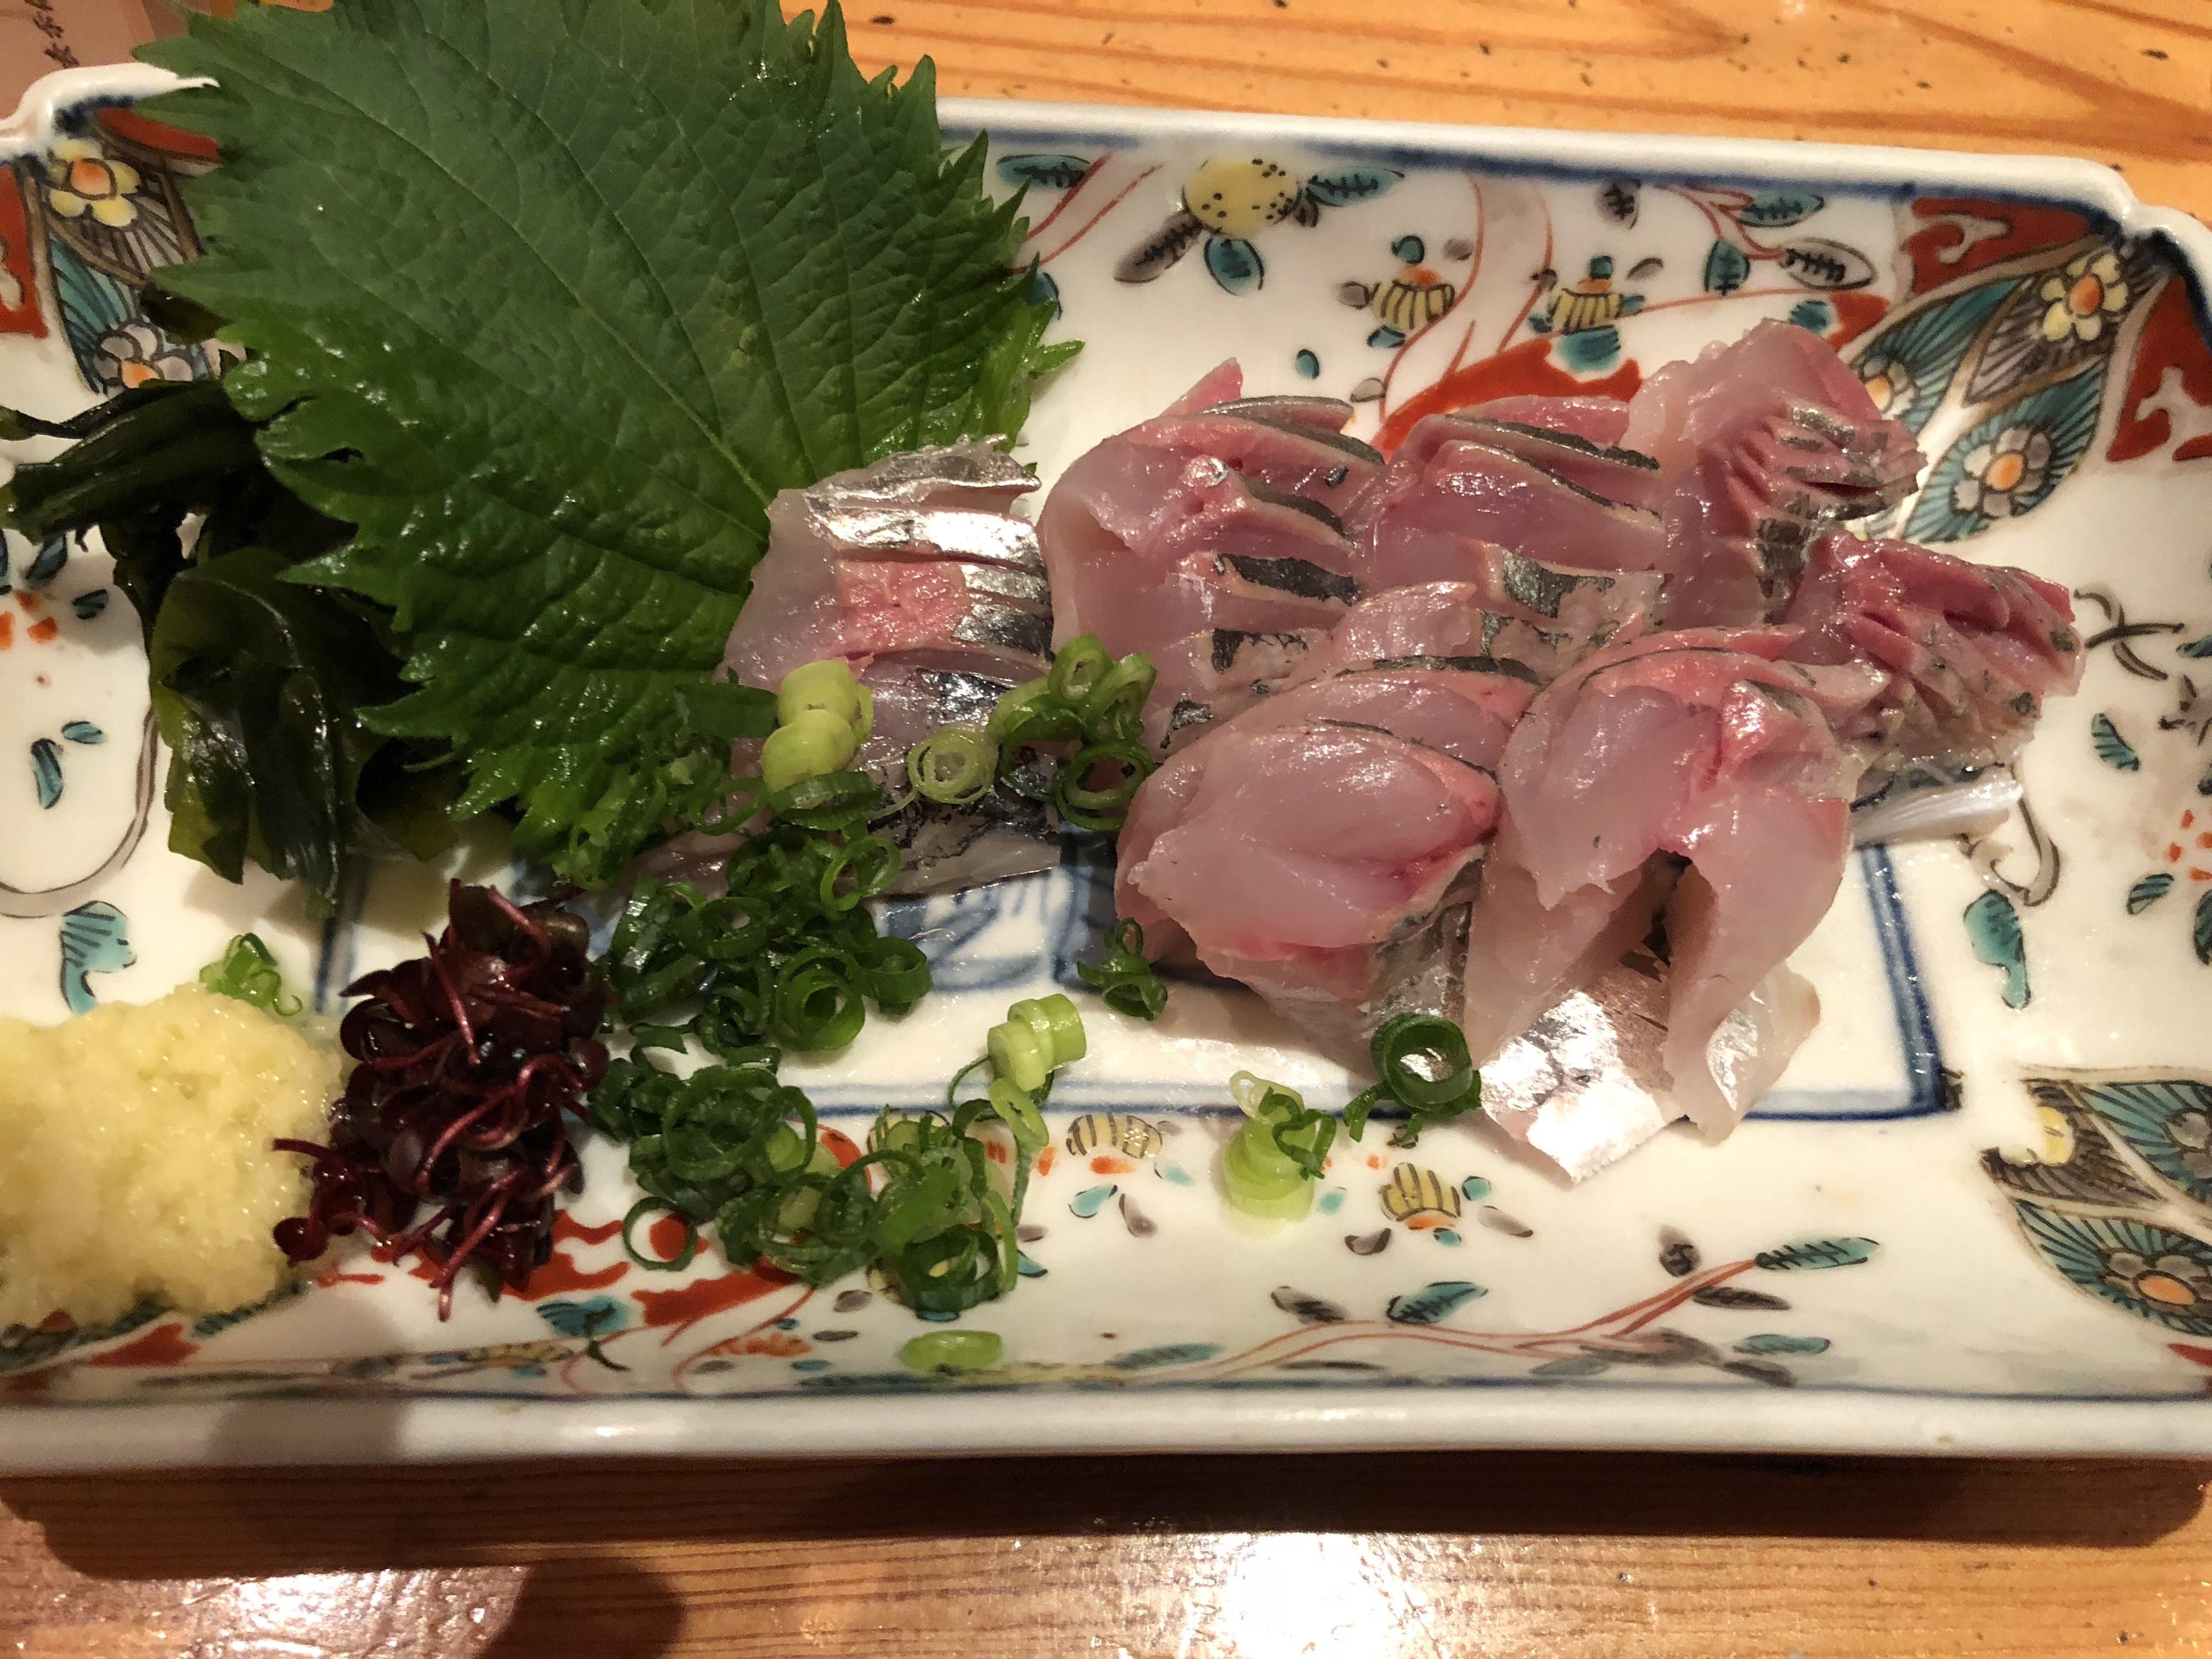 天ぷらと旬のおさかな 菜の花 センター南